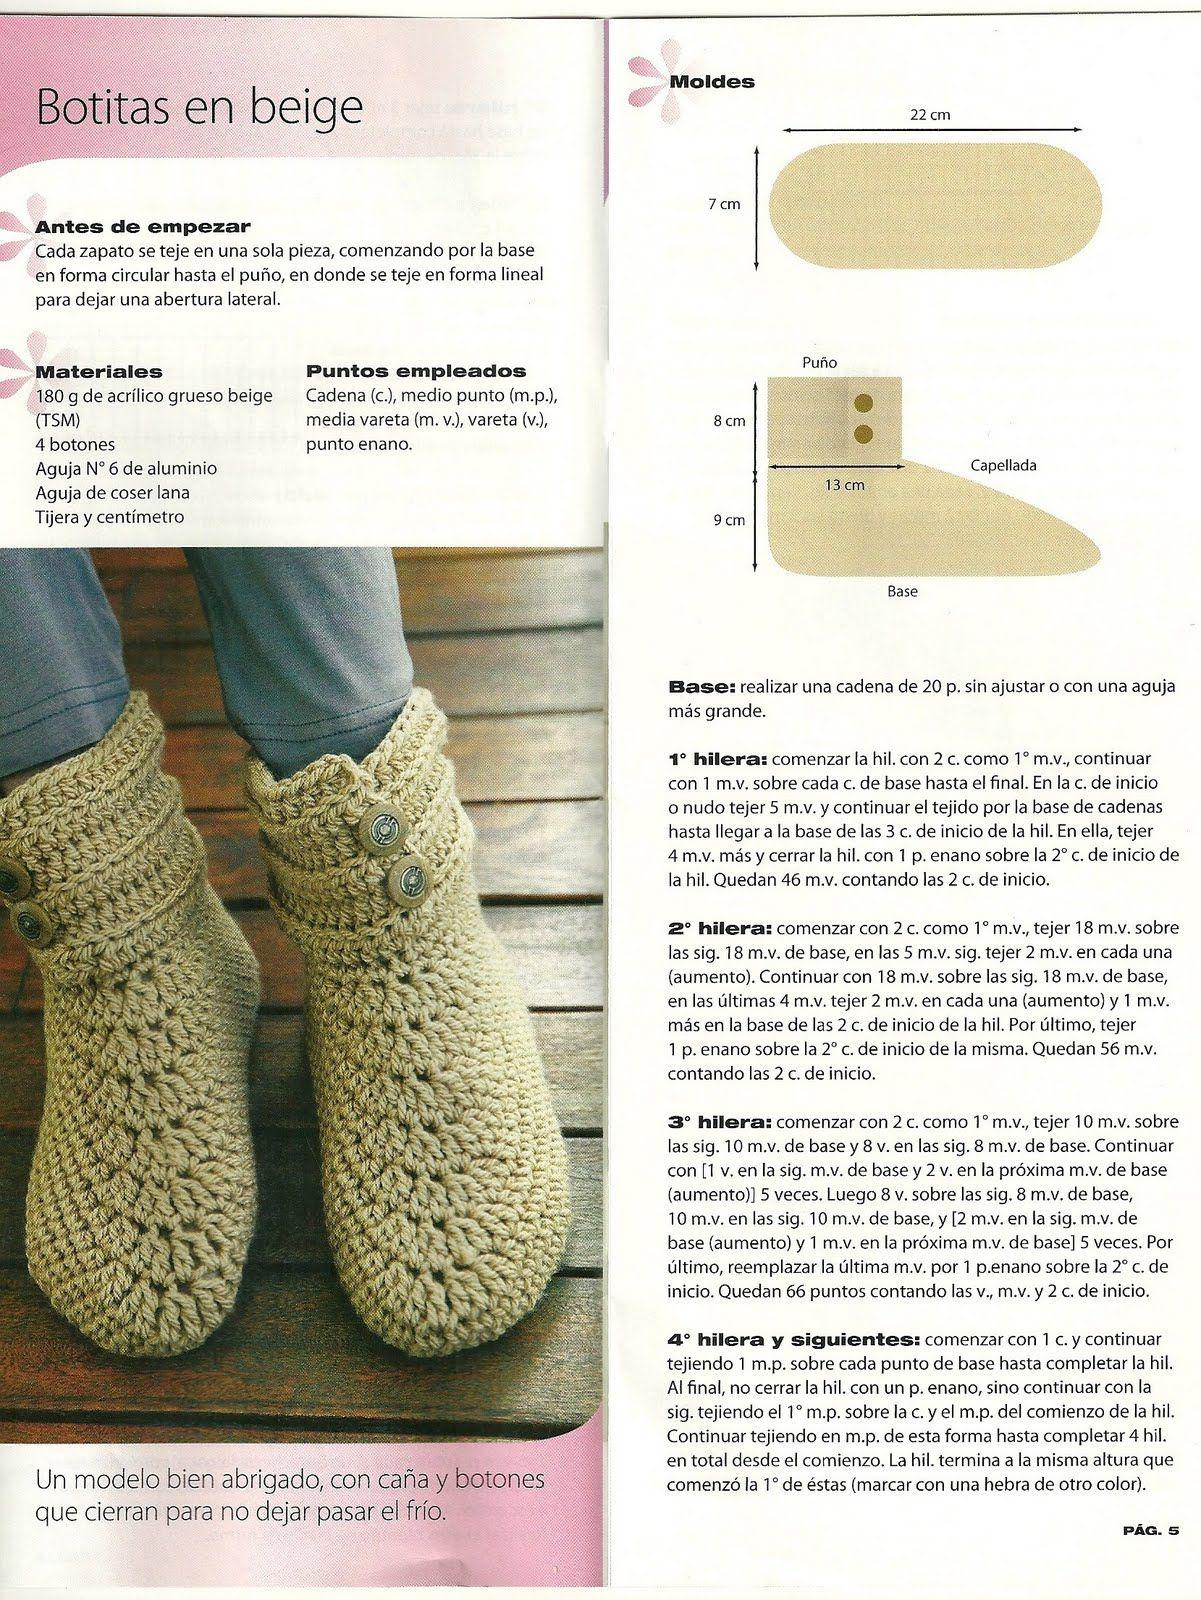 Pin de Cris Castillo Oliva en Mocasines, zapatillas, pantuflas ...